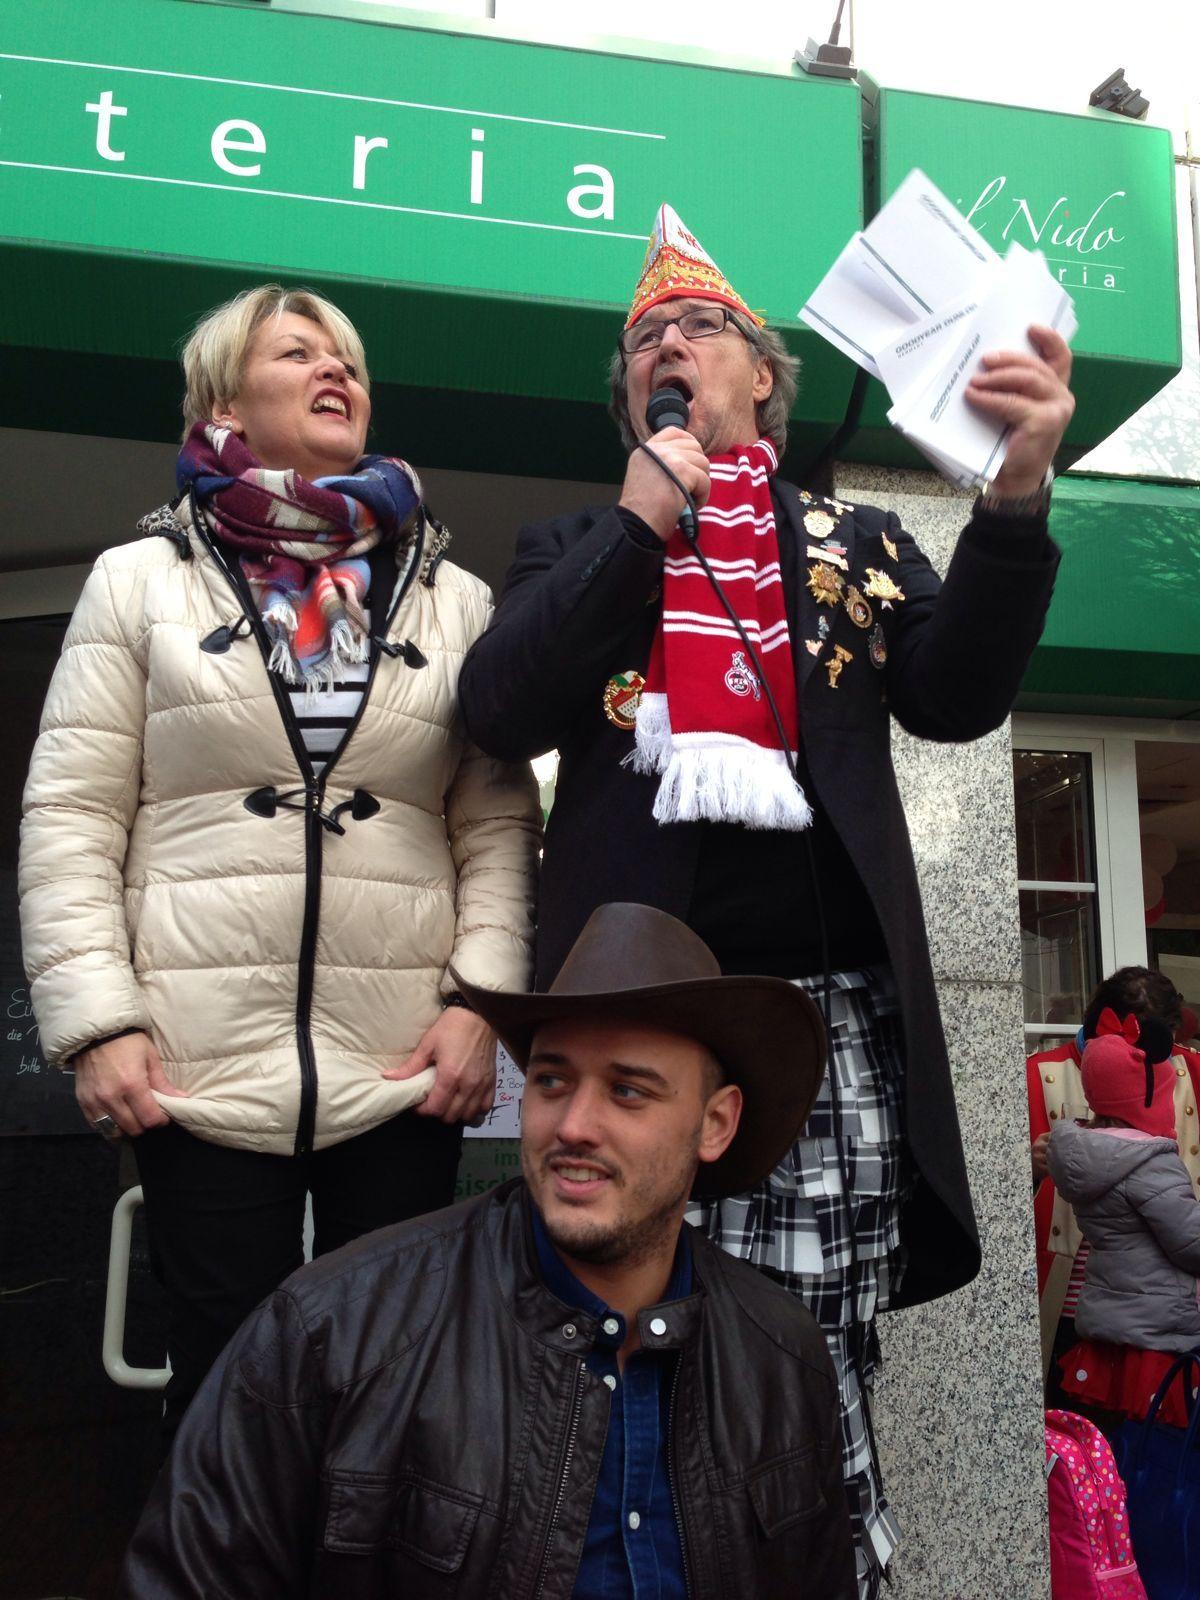 Karneval feiern im il Nido in Koöln Rodenkrirchen. und After Zoch Party bei uns!